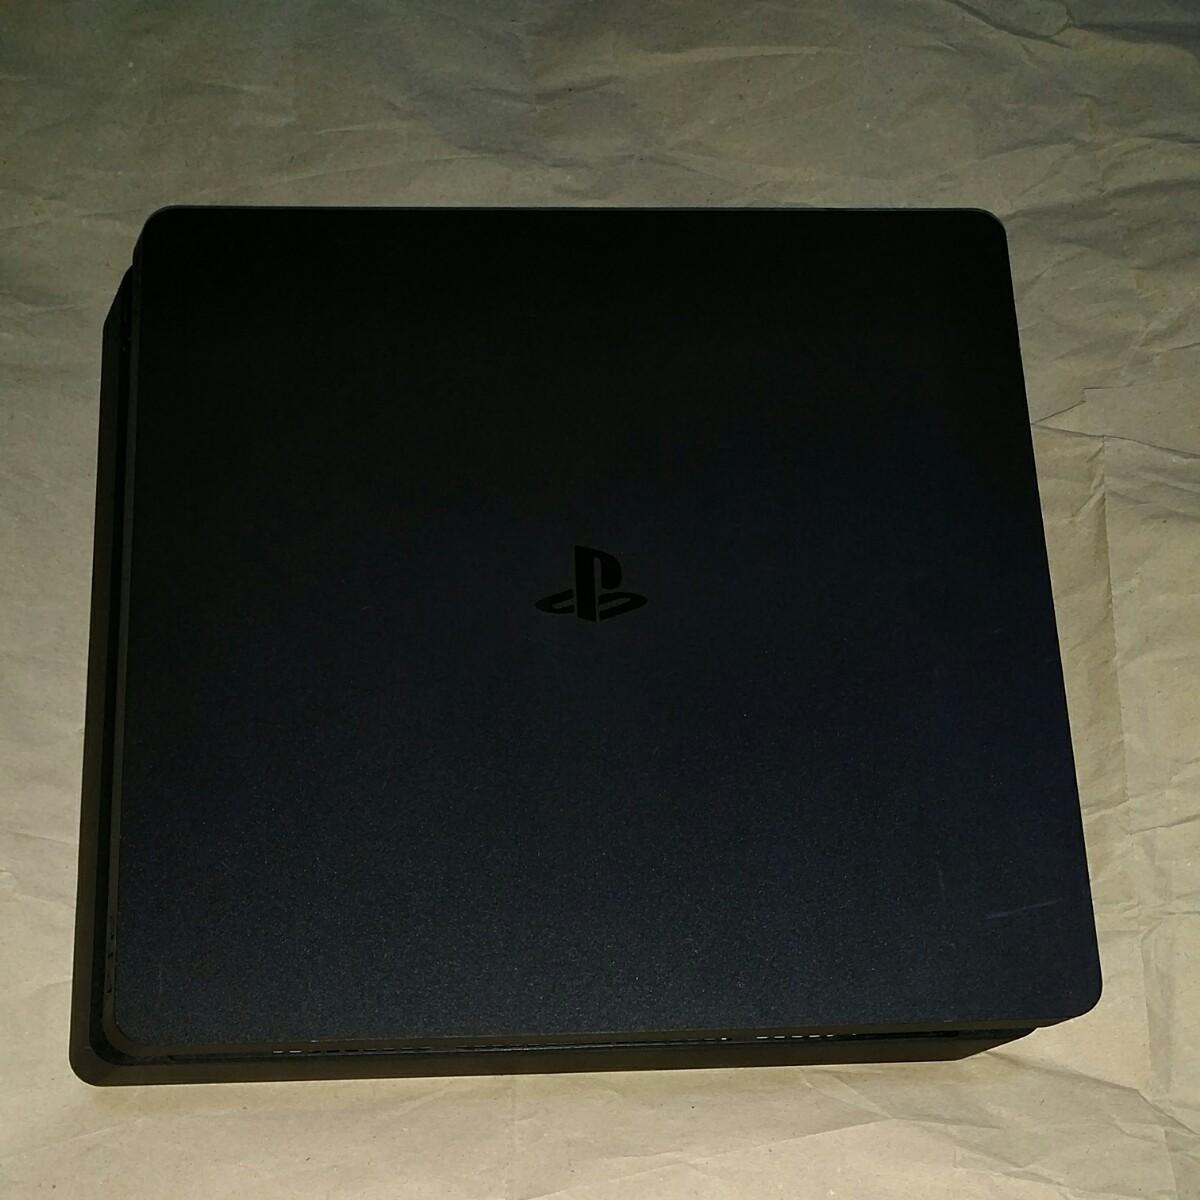 動作確認済み PS4 1TB版 スリム 薄型 黒 slim ジェットブラック 本体 6332